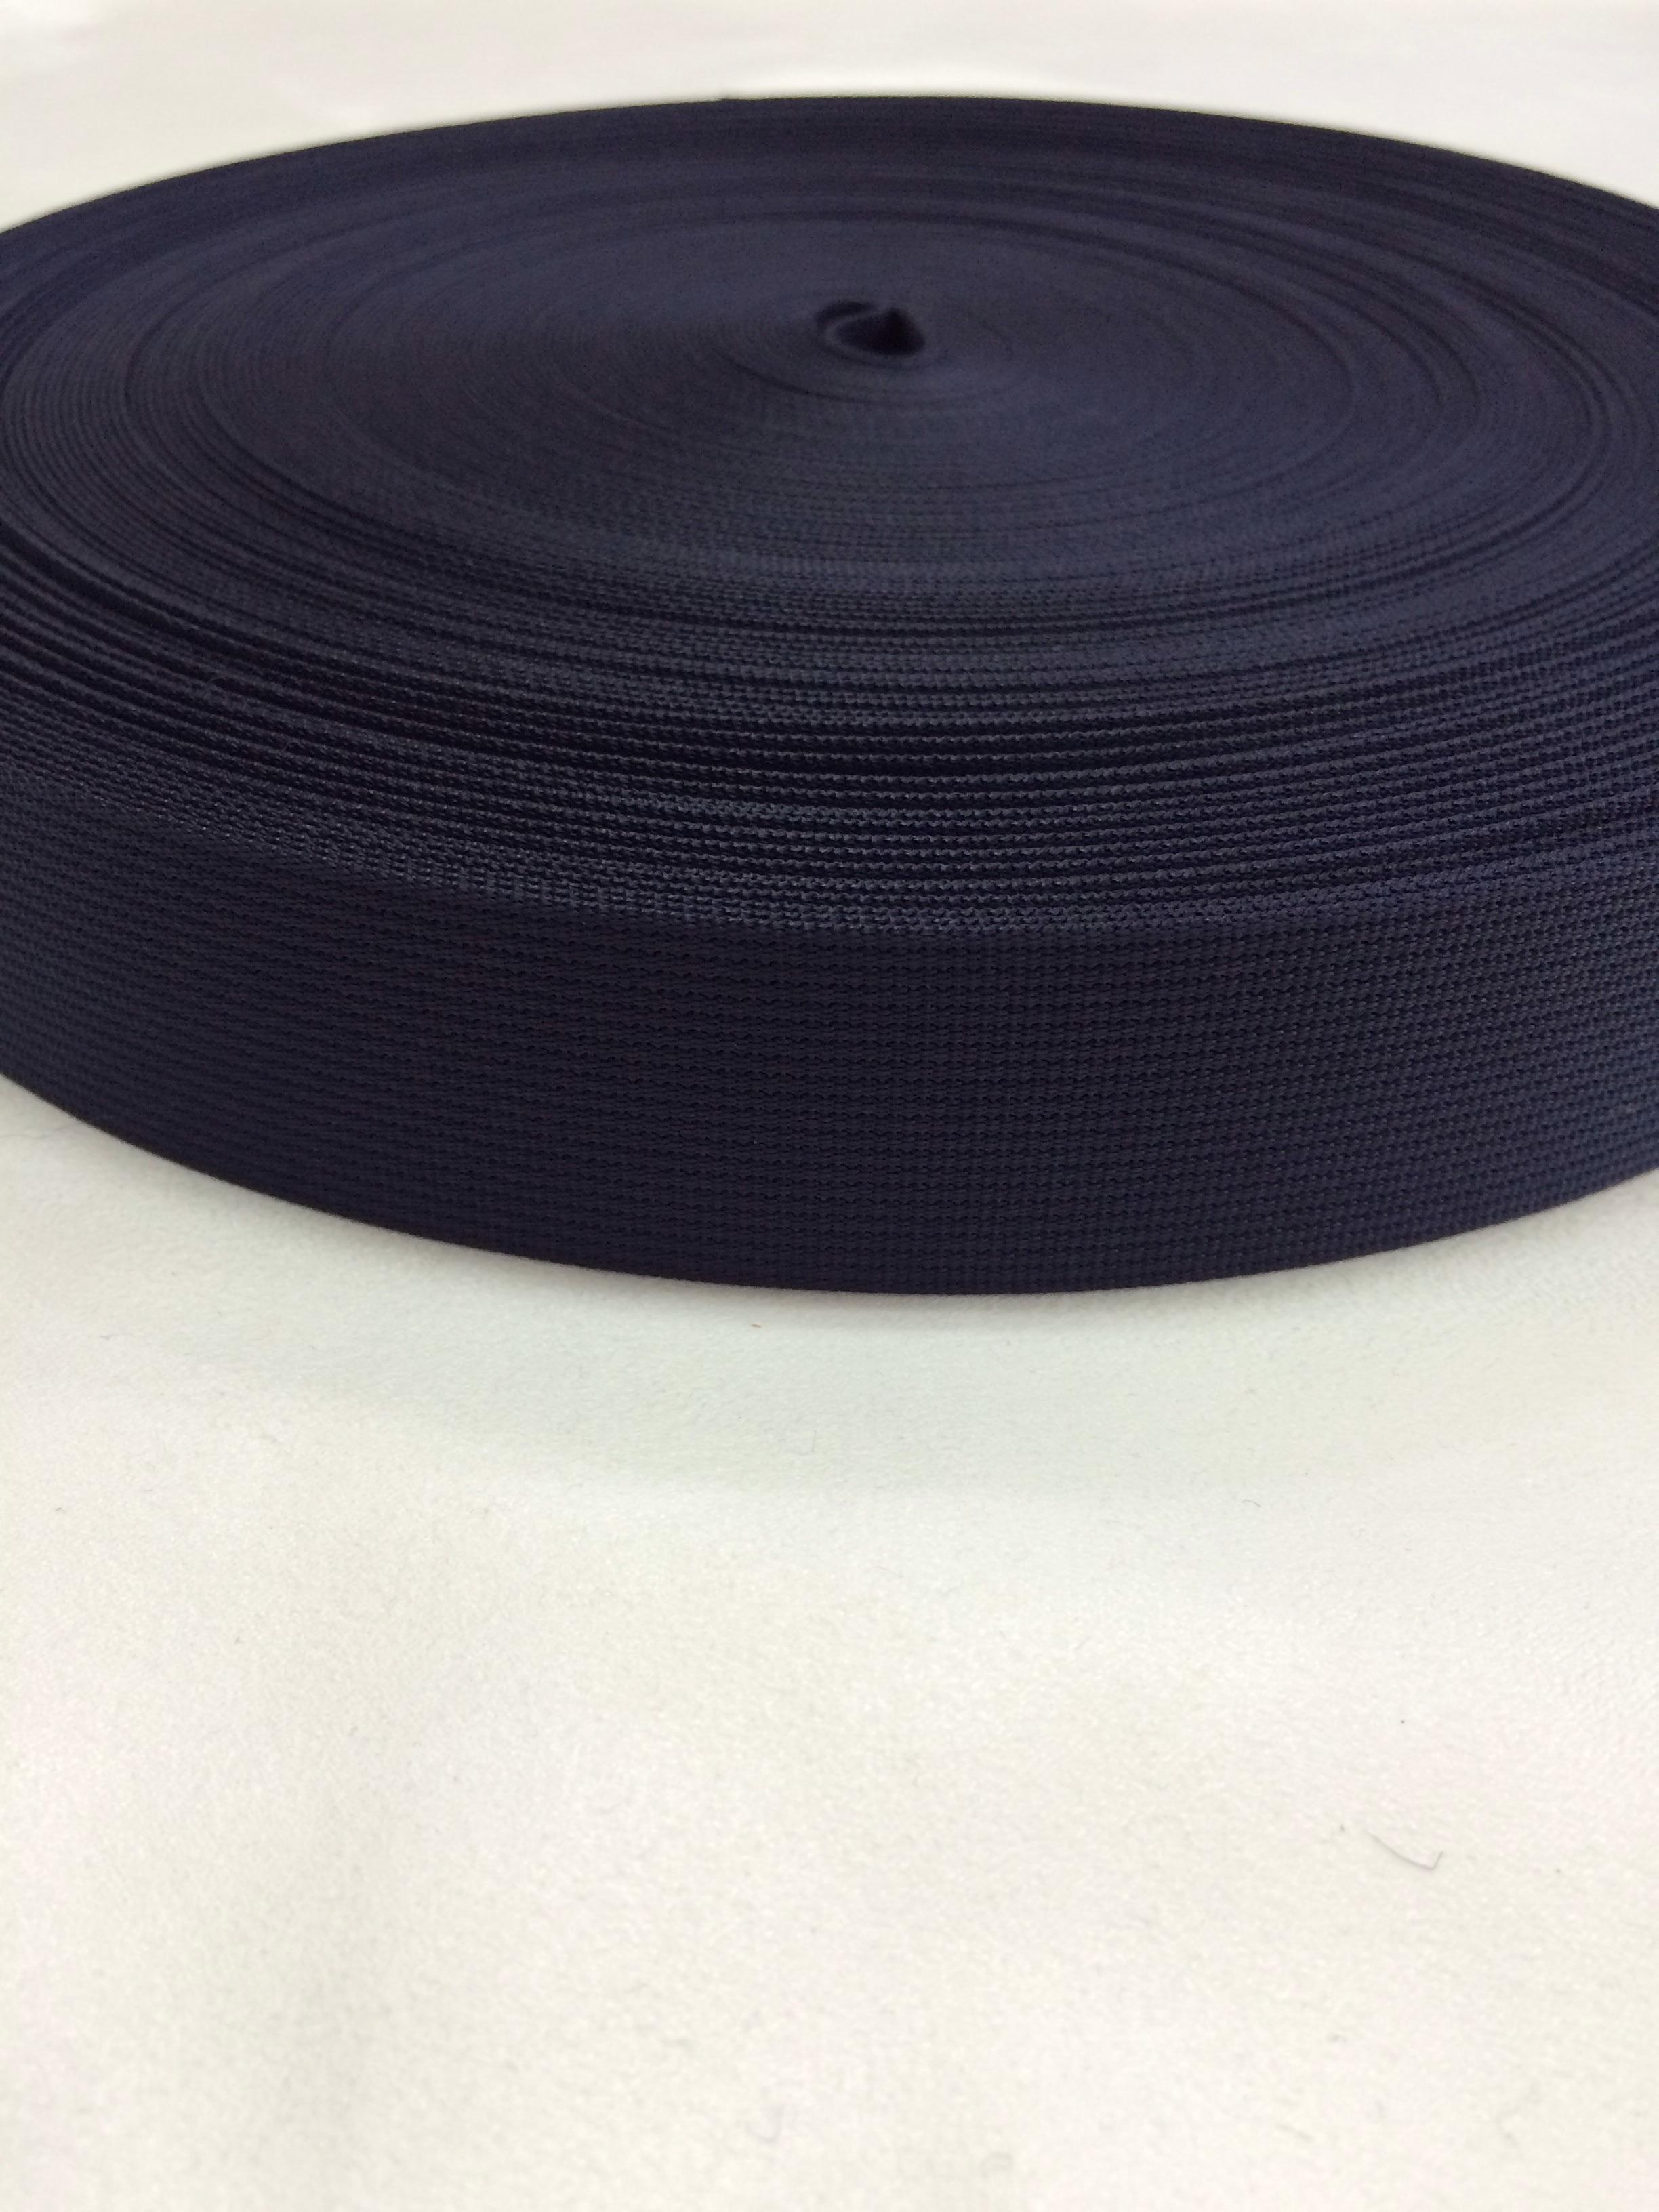 ナイロンテープ 高密度織 38mm幅 1mm厚 カラー(黒以外) 1m